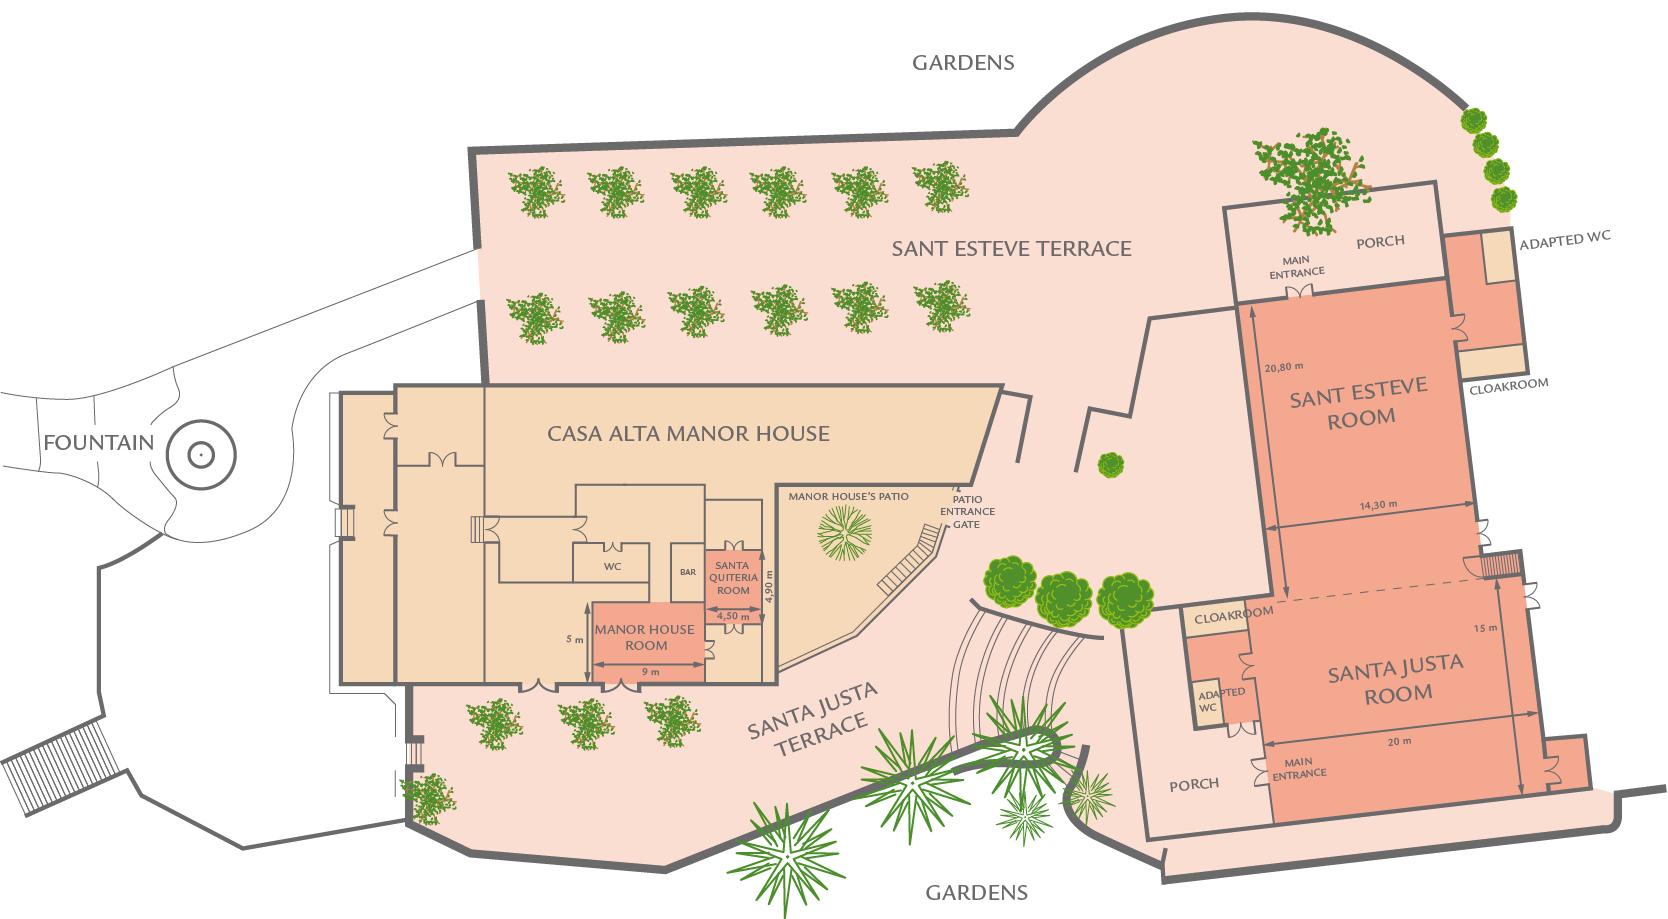 Plano del restaurante para eventos de SantLlei